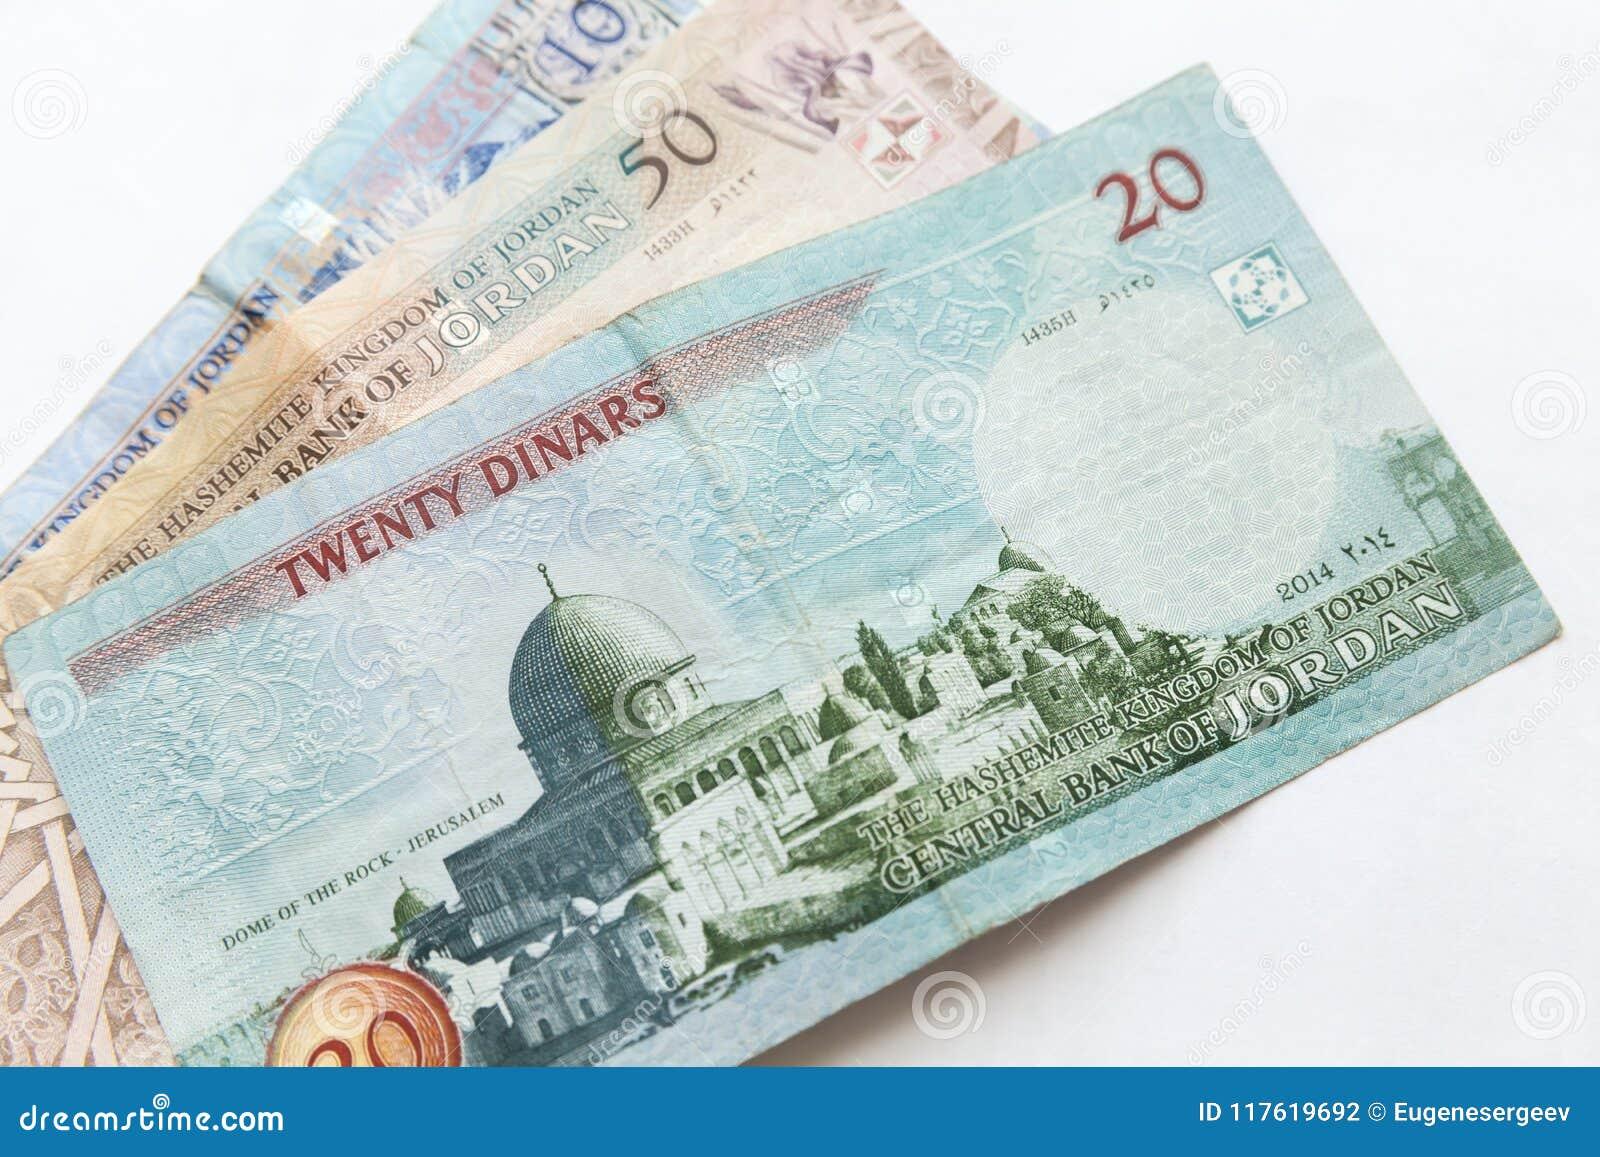 Jordańscy dinary, banknoty kłaść na bielu